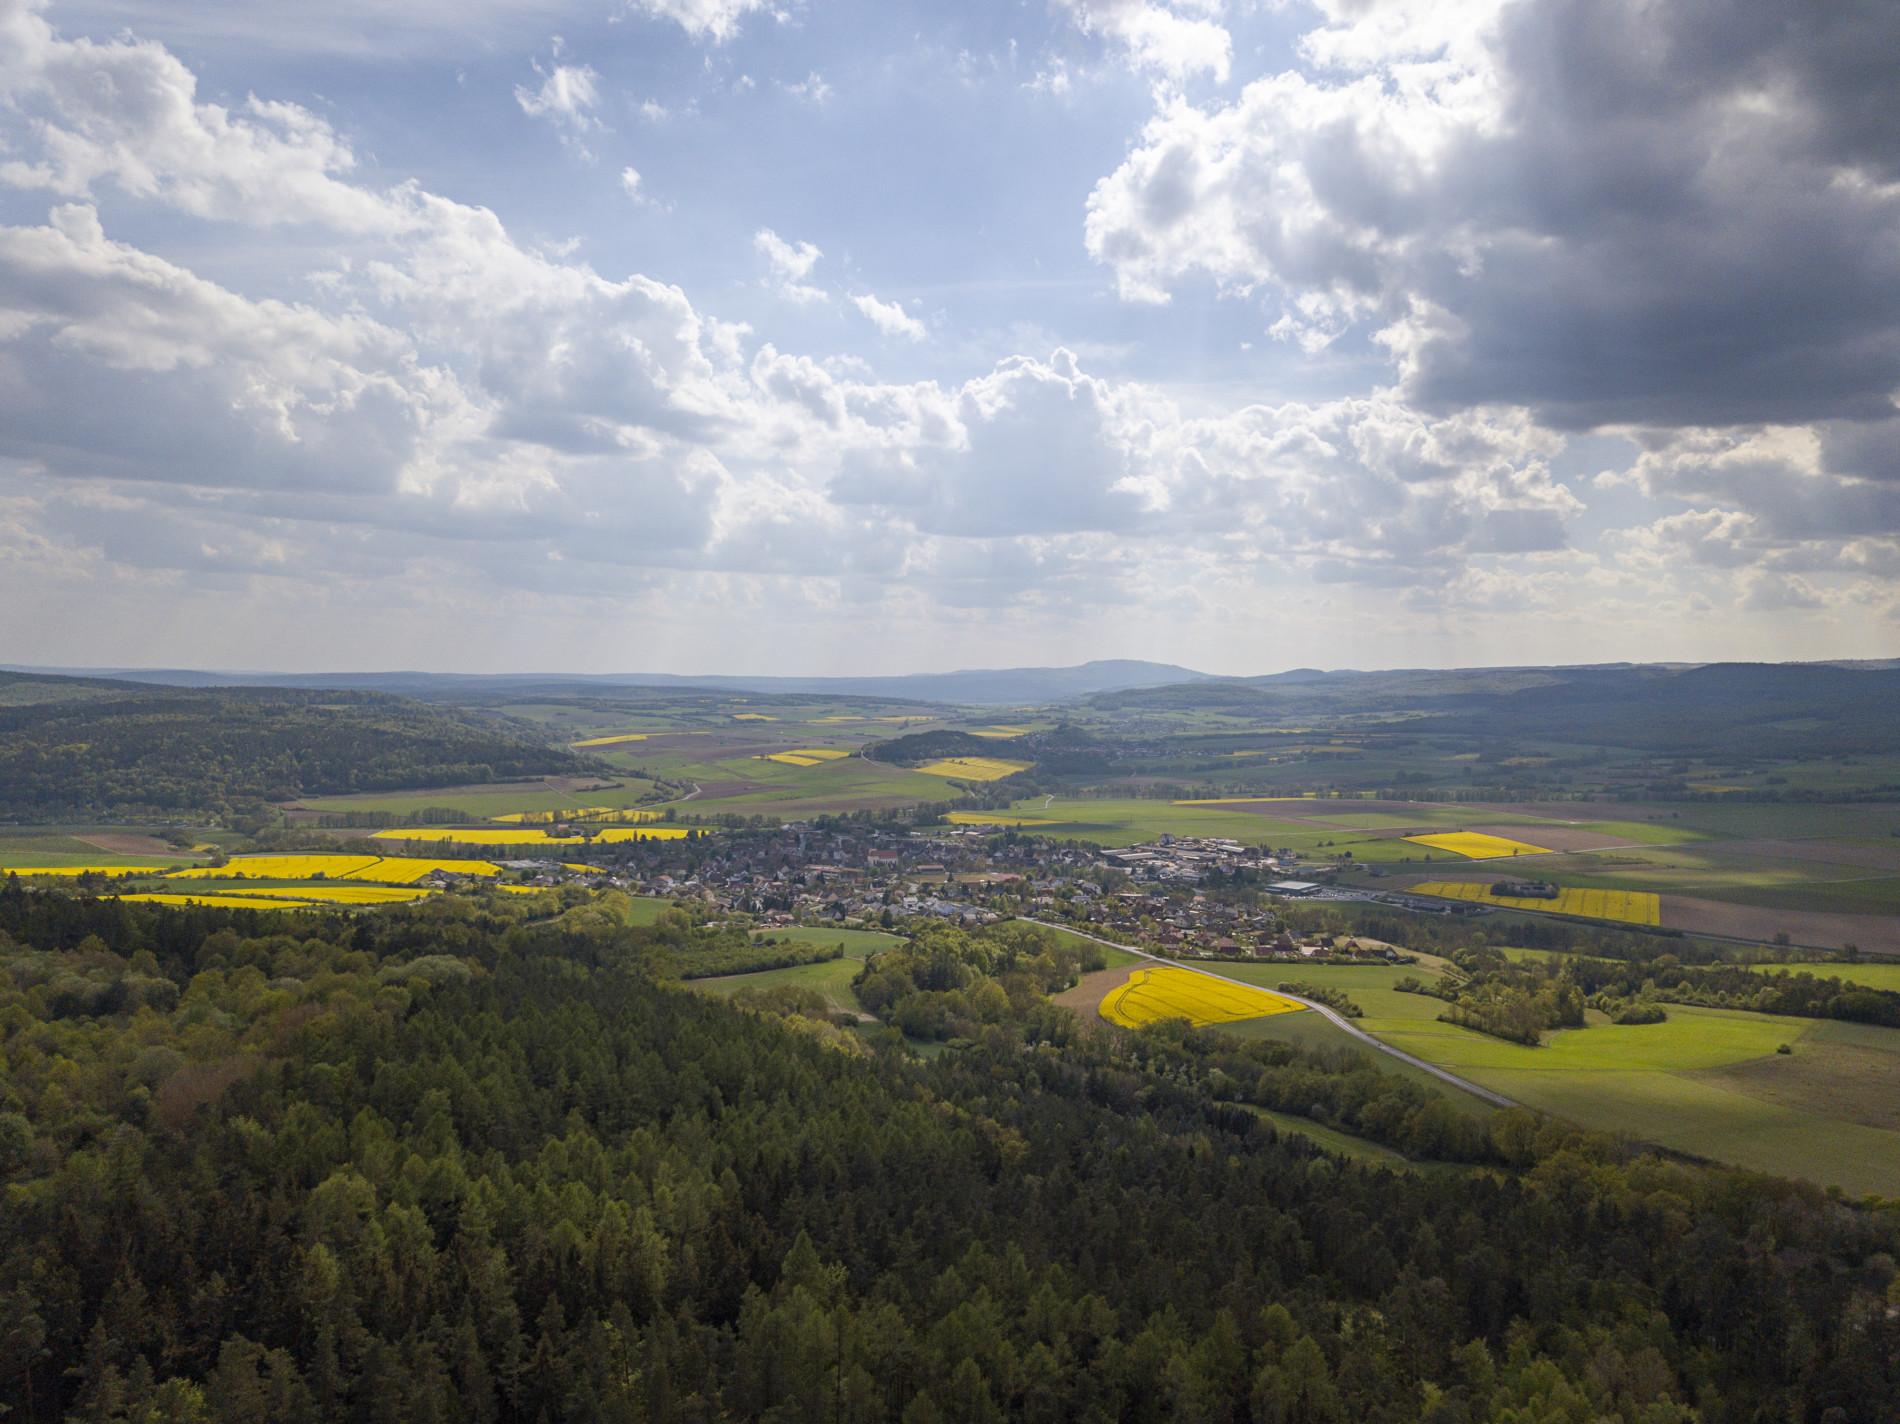 Hoch hinaus über die Streutalallianz bei Nordheim v. d. Rhön (Foto: Leska Wunderwelt)